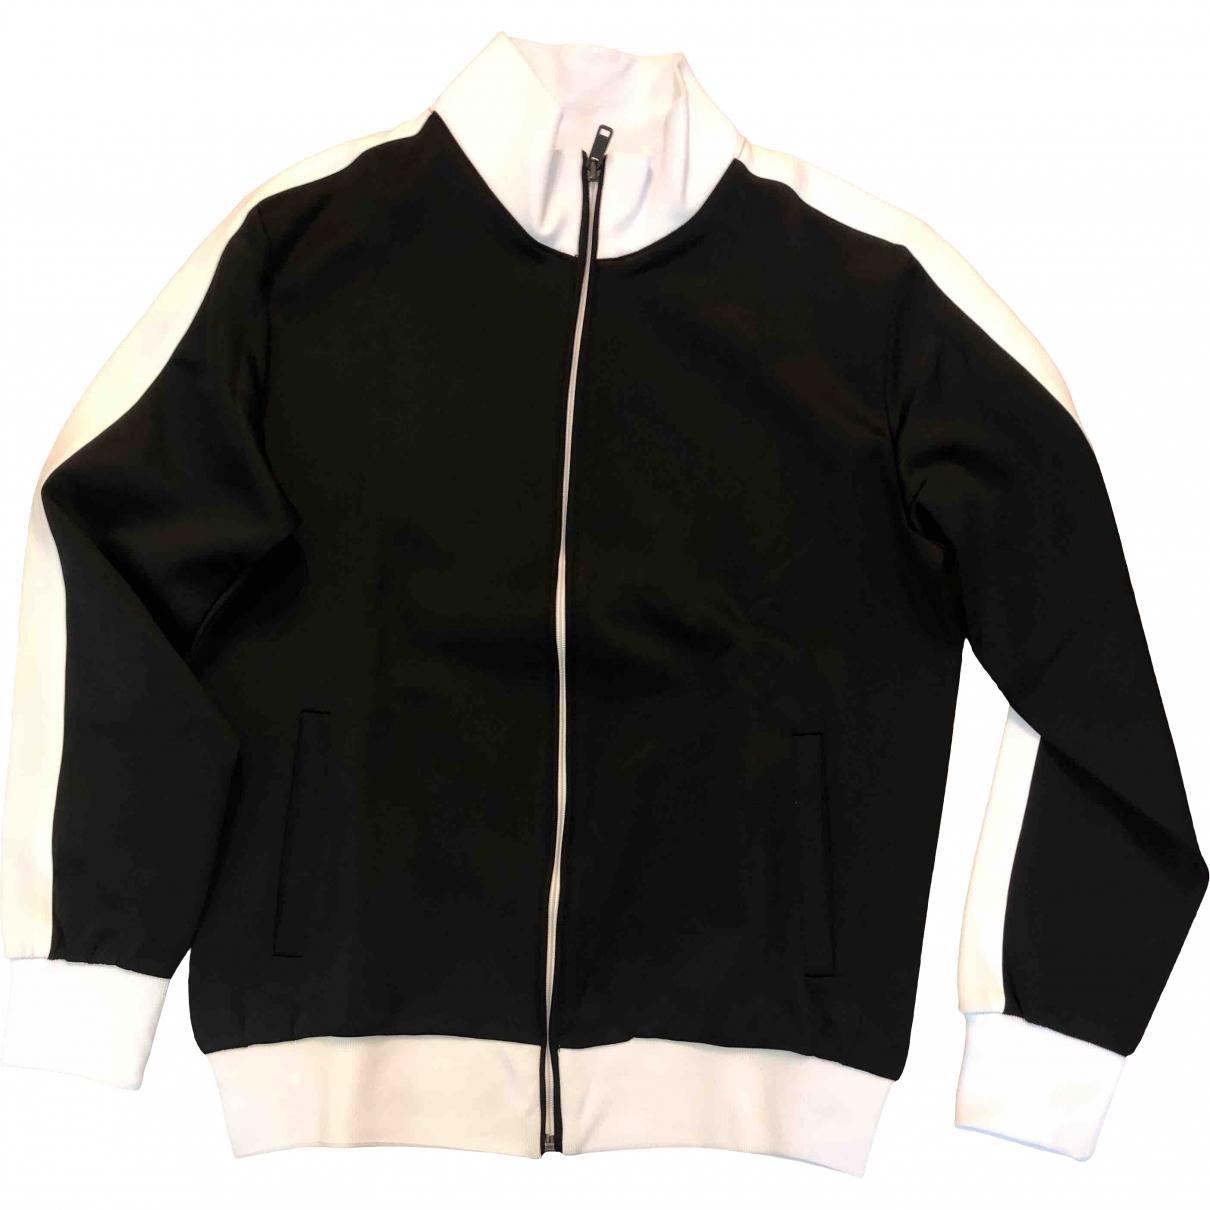 Zara - Pulls.Gilets.Sweats   pour homme - noir